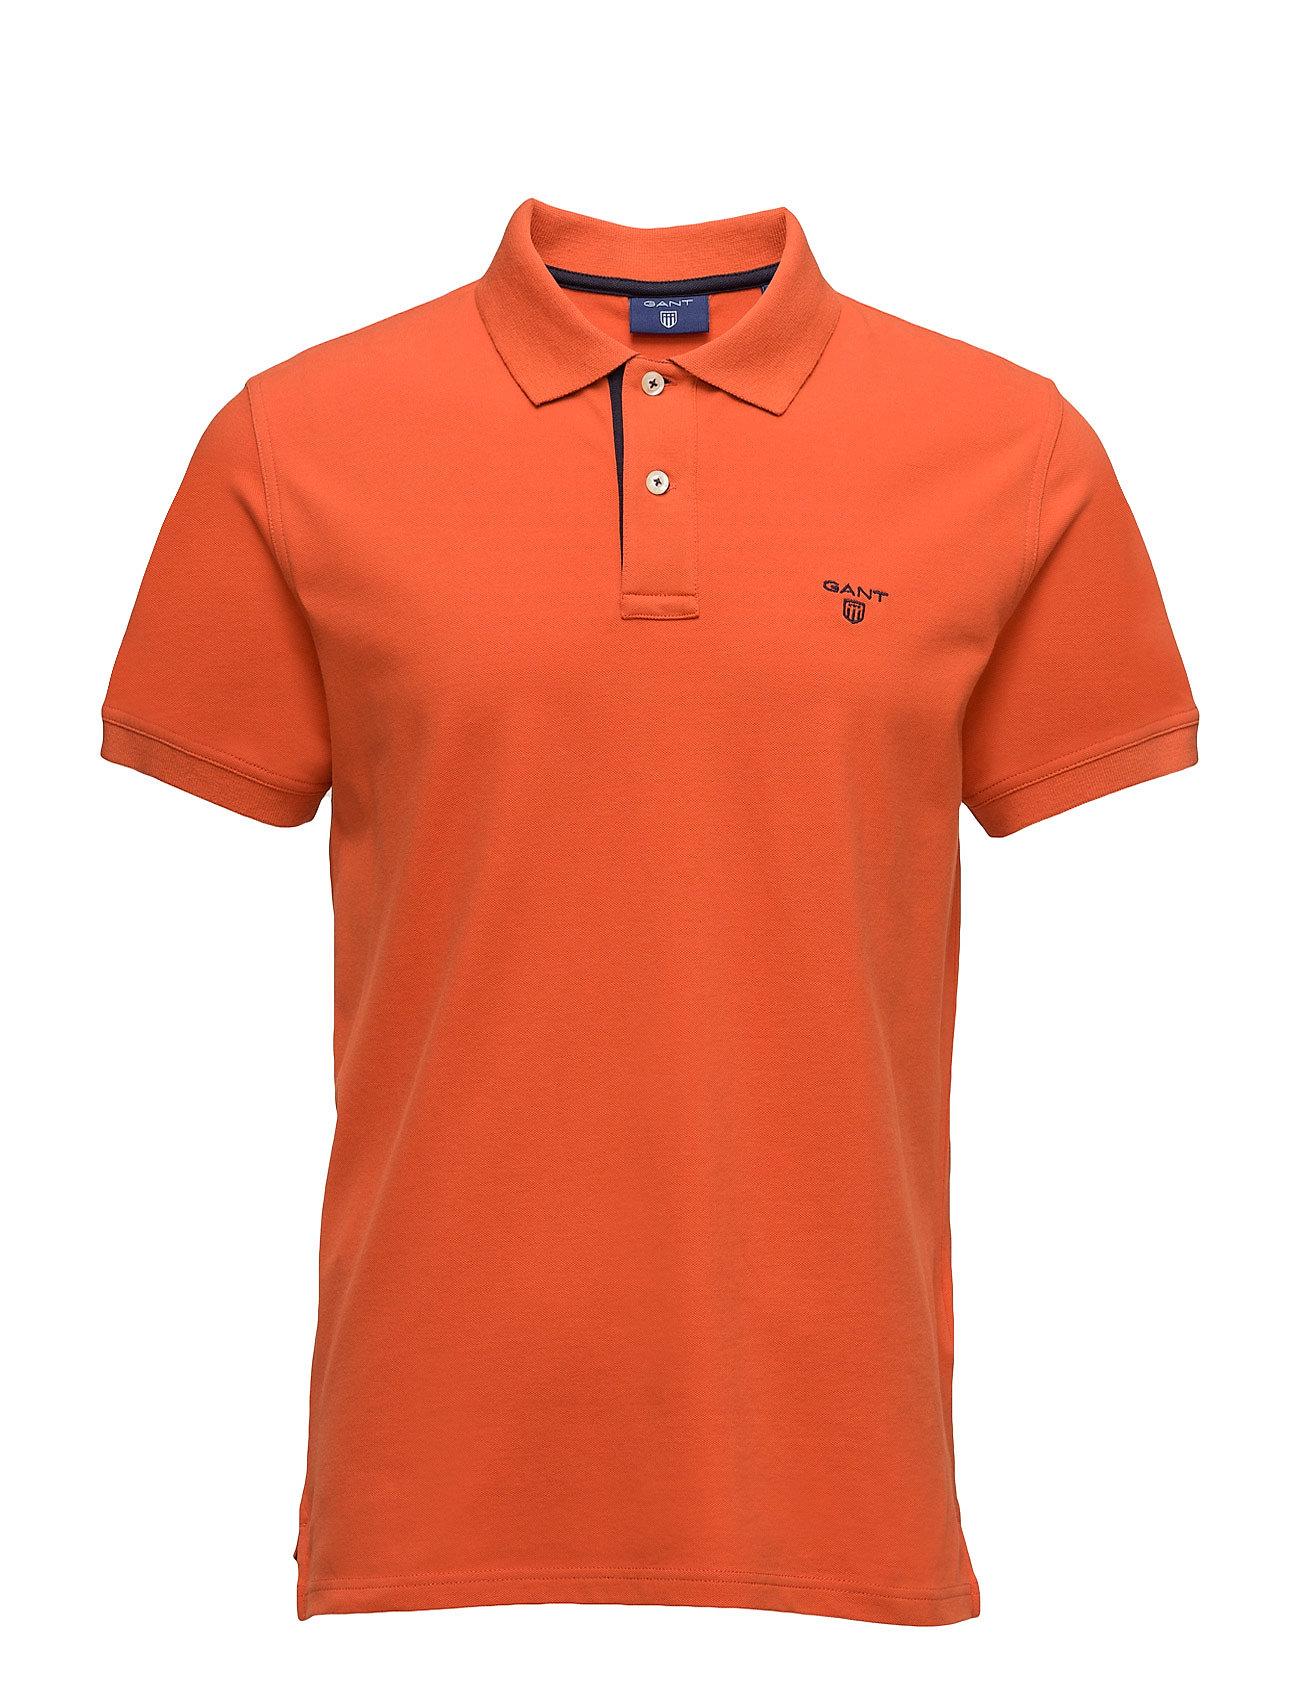 Op1. Contrast Collar Piq Ss Rugger GANT Kortærmede polo t-shirts til Herrer i